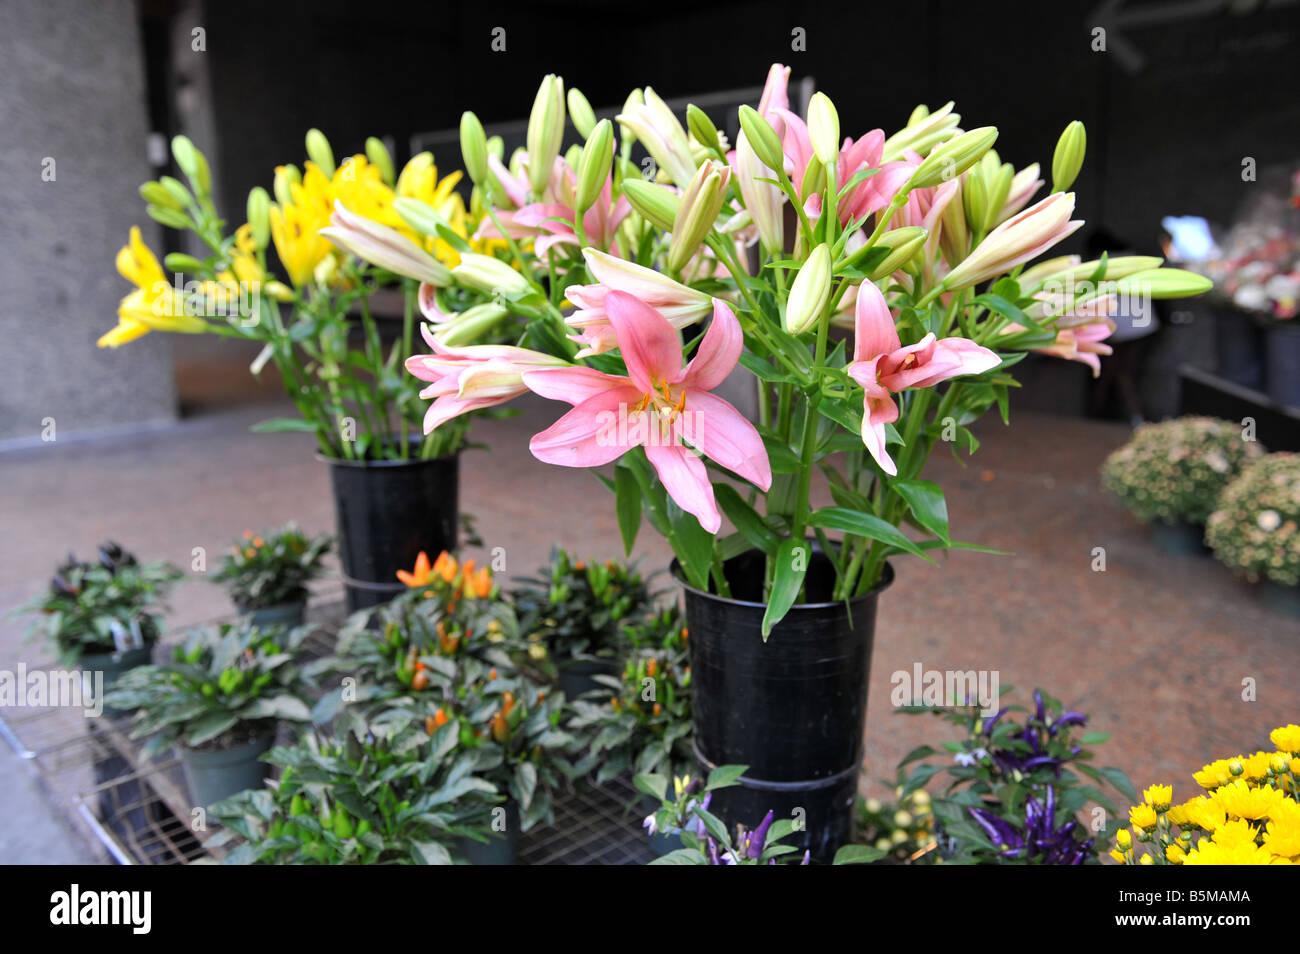 Lilien für den Verkauf in einem Outdoor-Blumenmarkt Stockbild